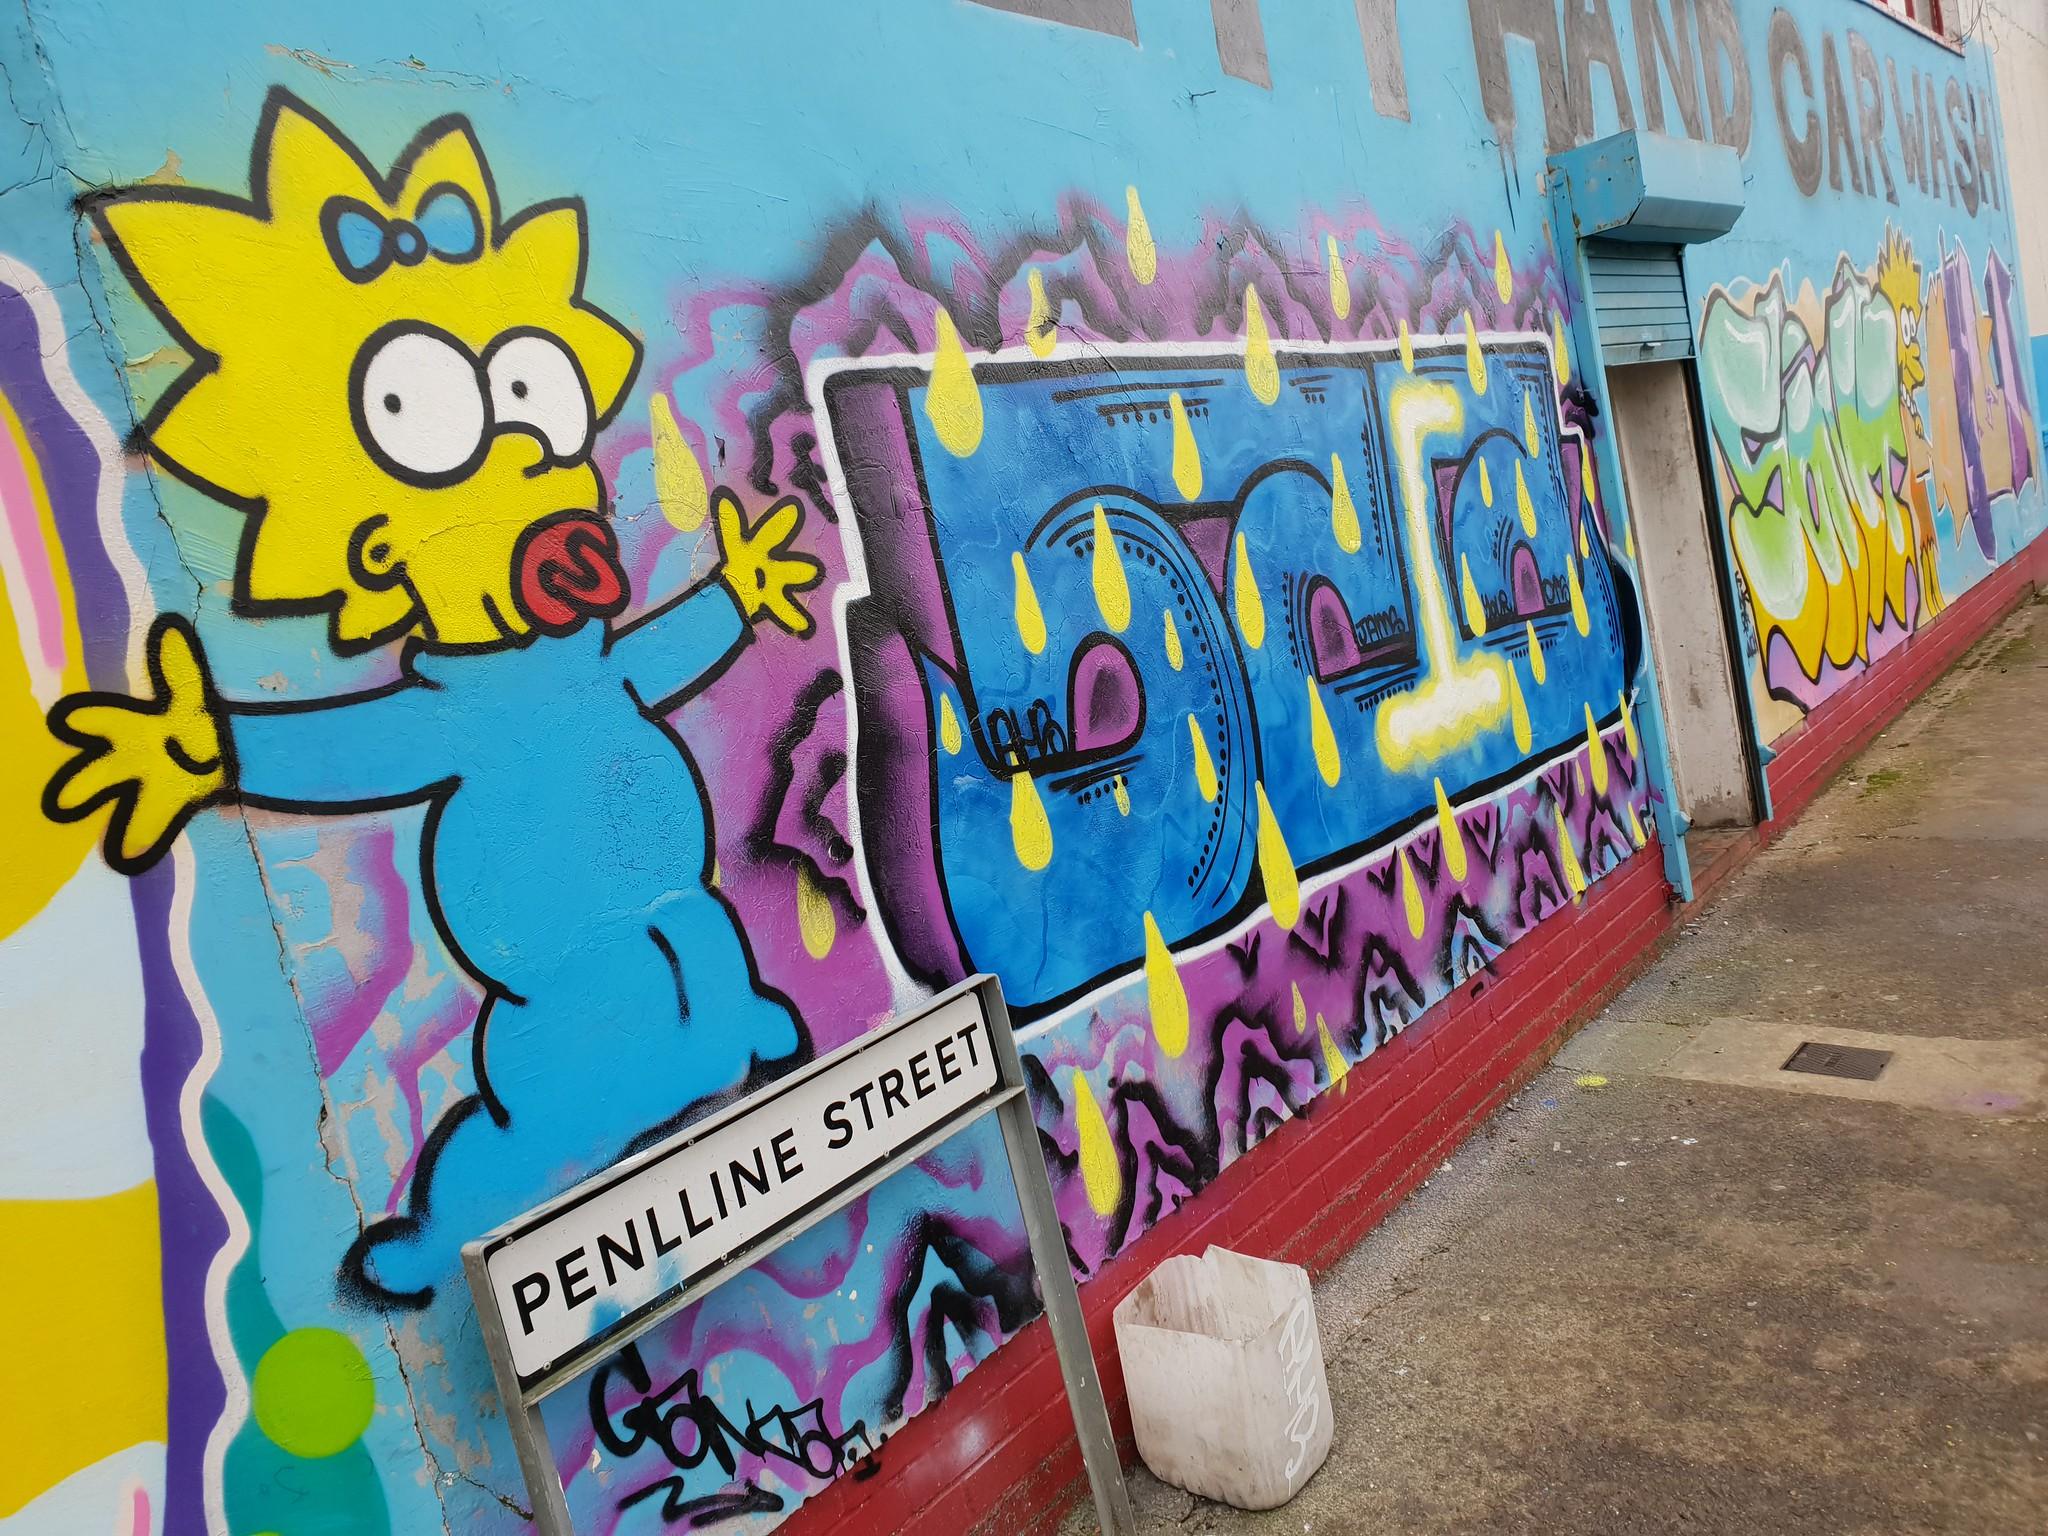 Simpsons street art, Cardiff